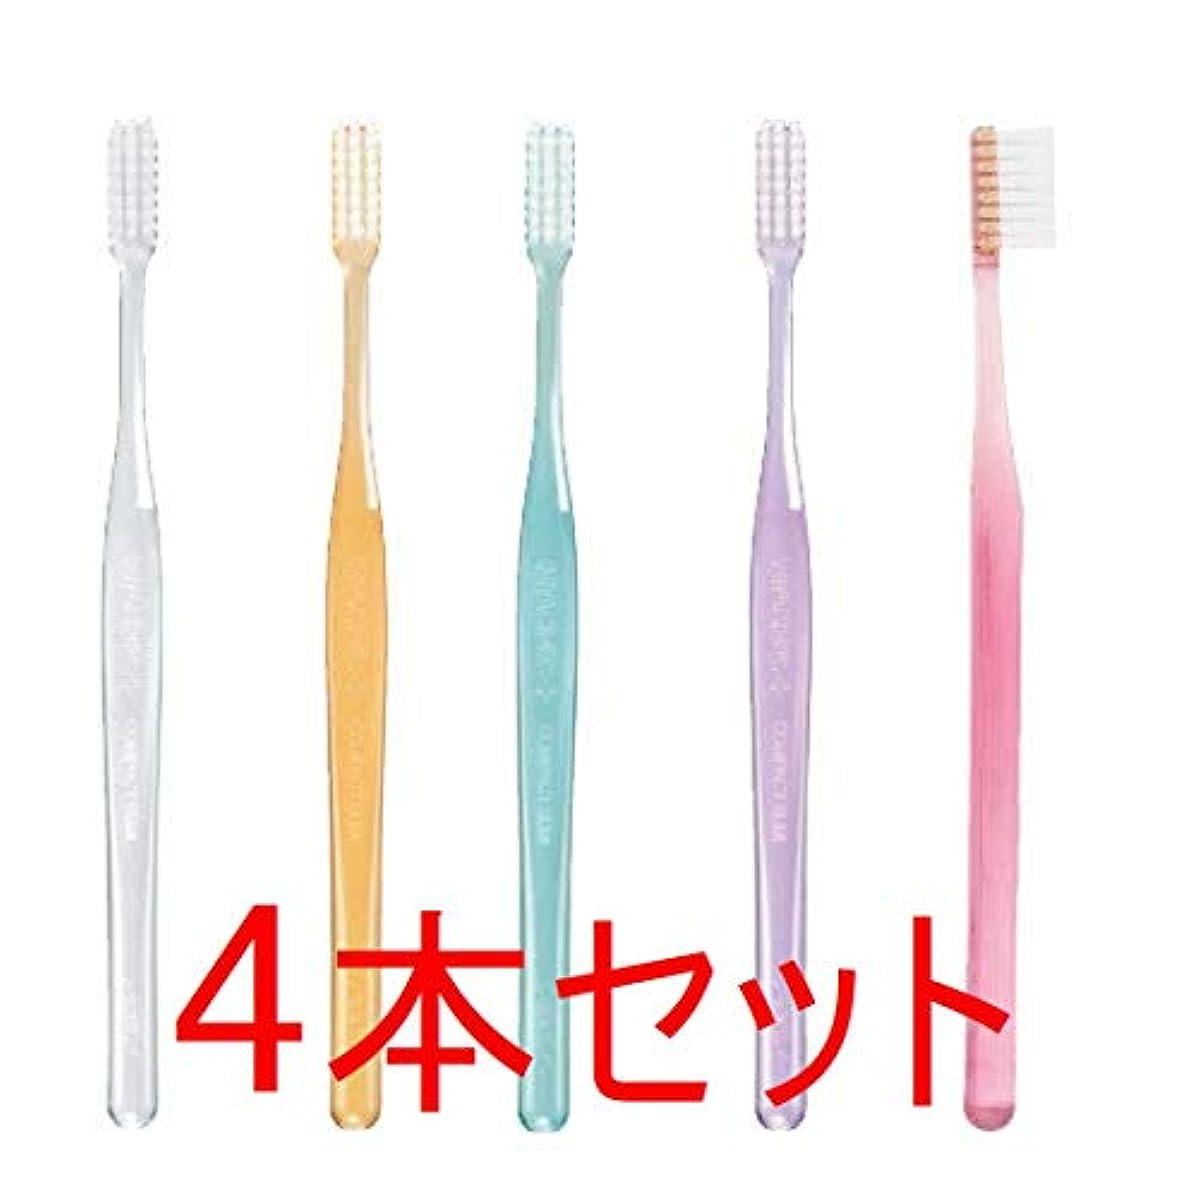 裏切りループ方法GC プロスペック 歯ブラシ プラス コンパクトスリム 4本 クリアー色 (M(ふつう), おまかせ)